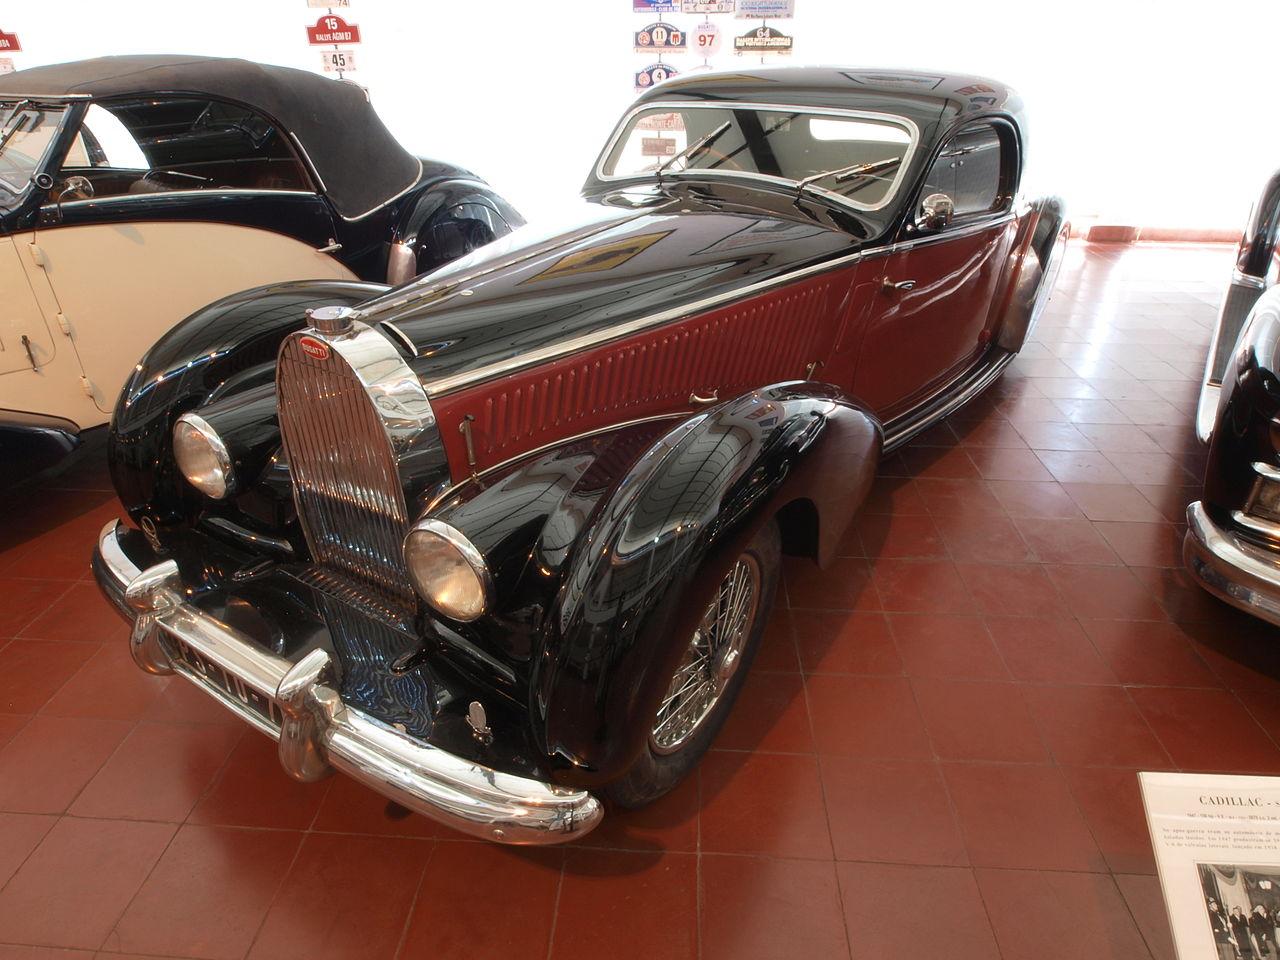 Bugatti Type 57 единичный высококлассный автомобиль для богатых.